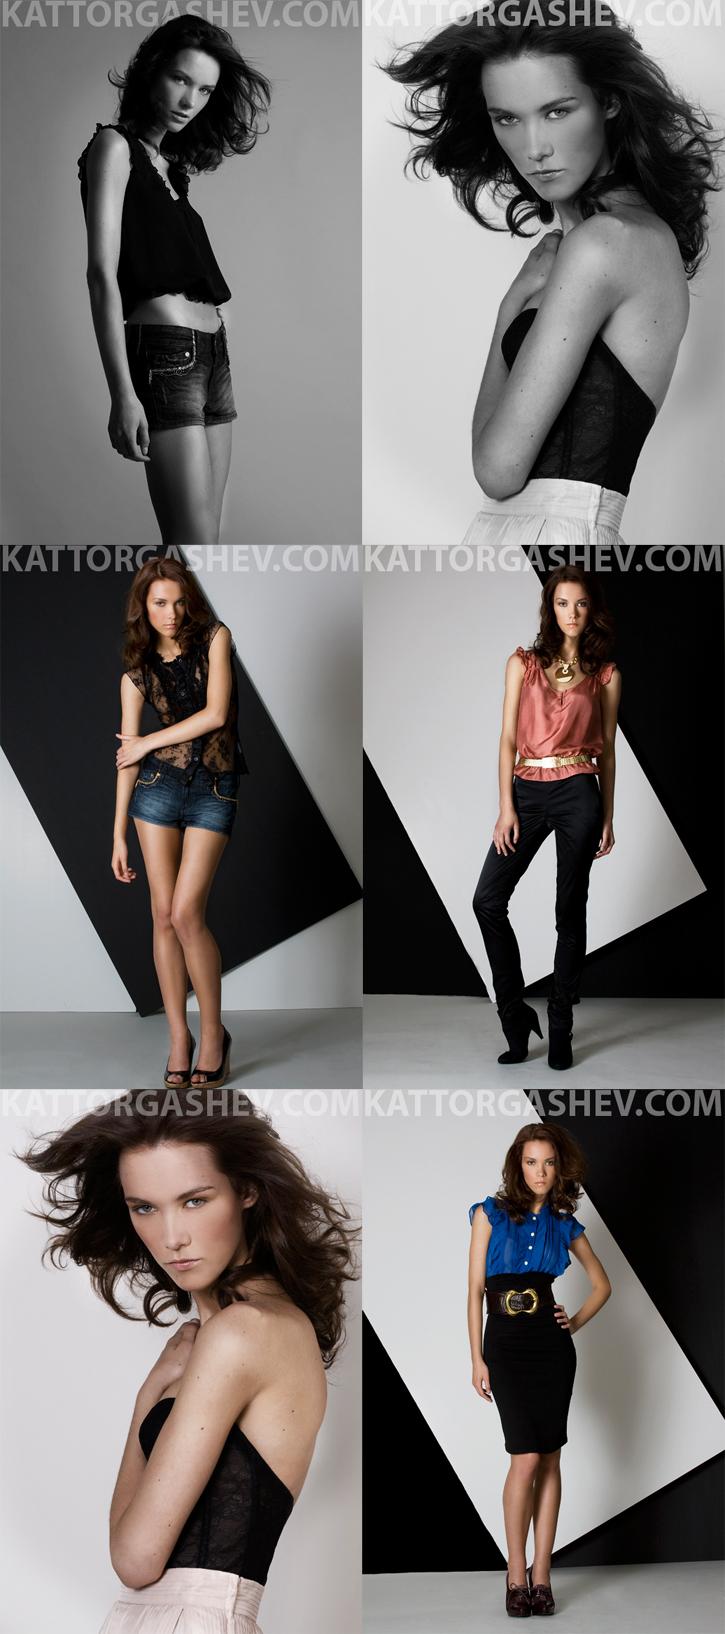 Female model photo shoot of eneida anastasia by Kat Torgashev